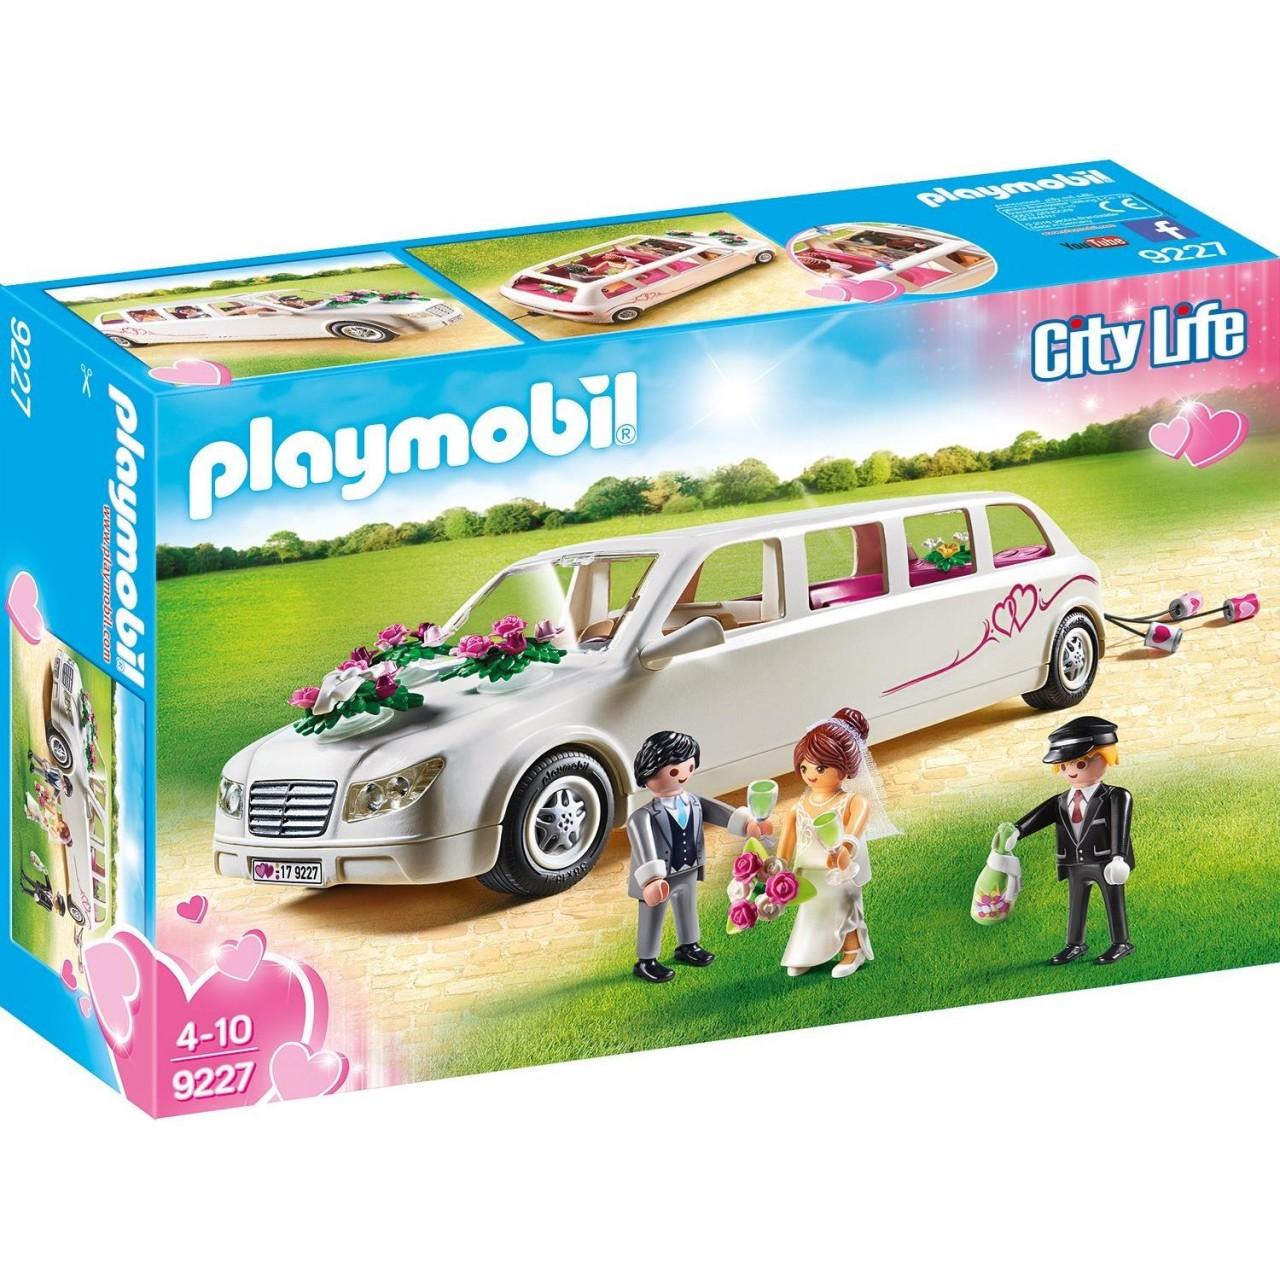 Playmobil 9227 Hochzeitslimousine